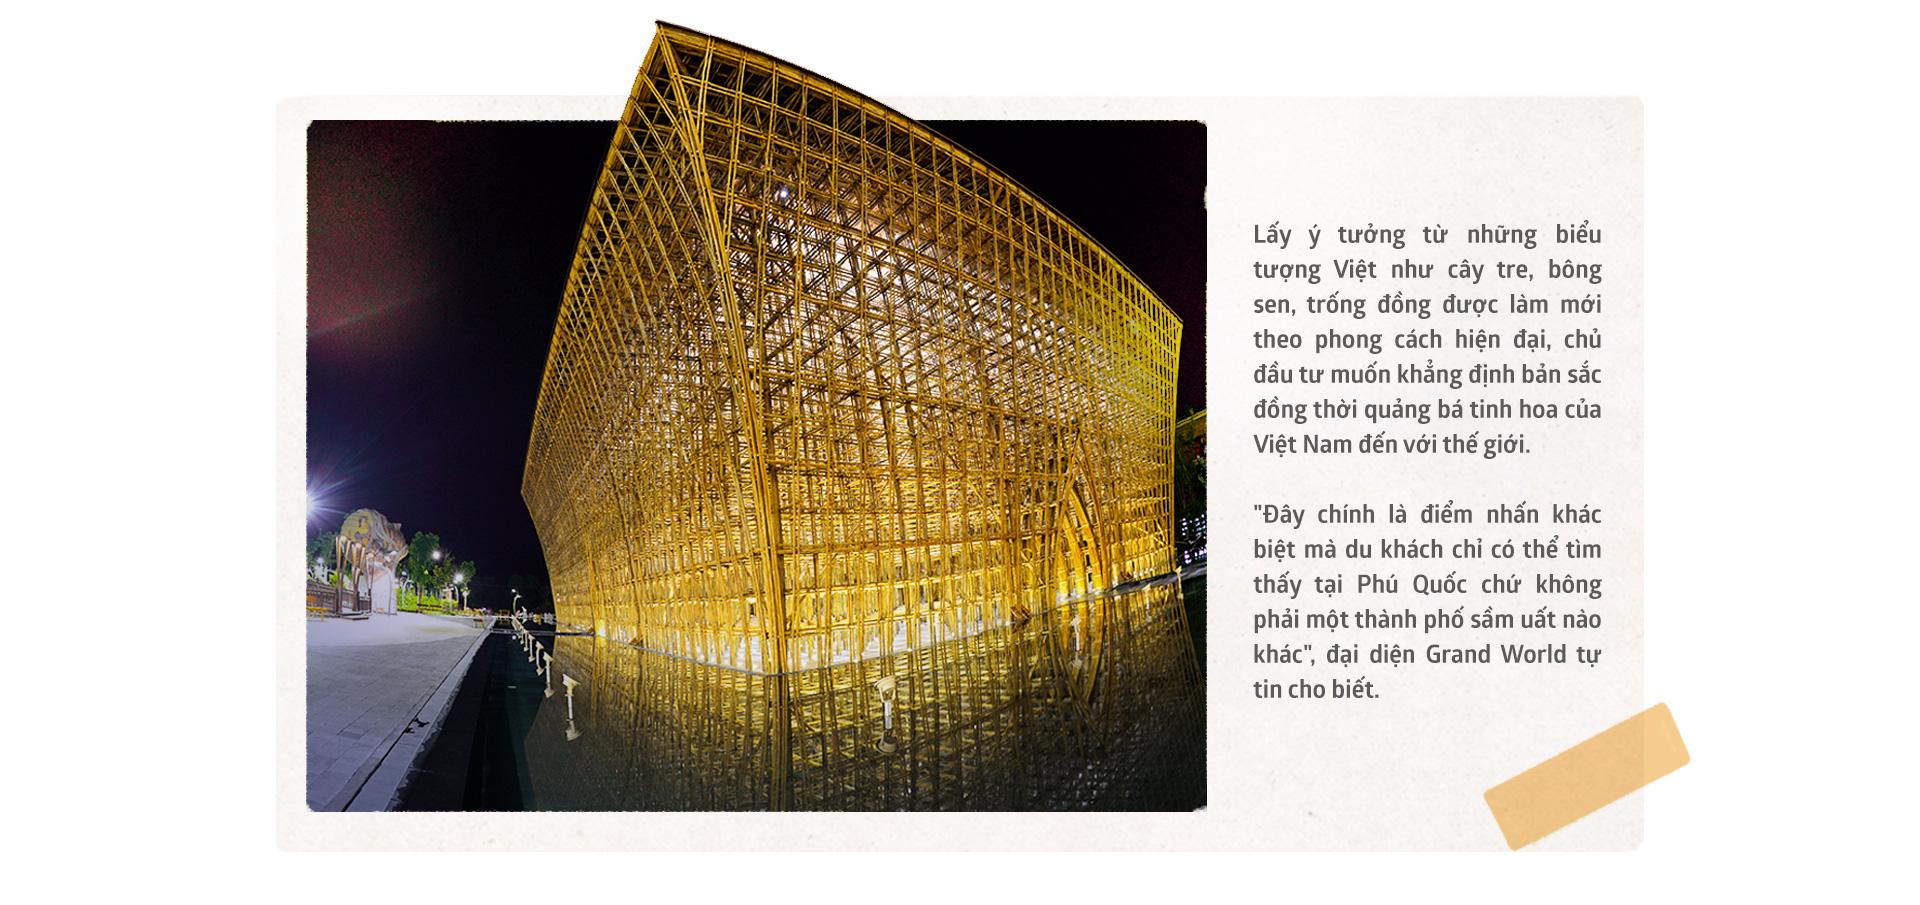 Phú Quốc ngày càng hấp dẫn với Thành phố không ngủ - Ảnh 12.